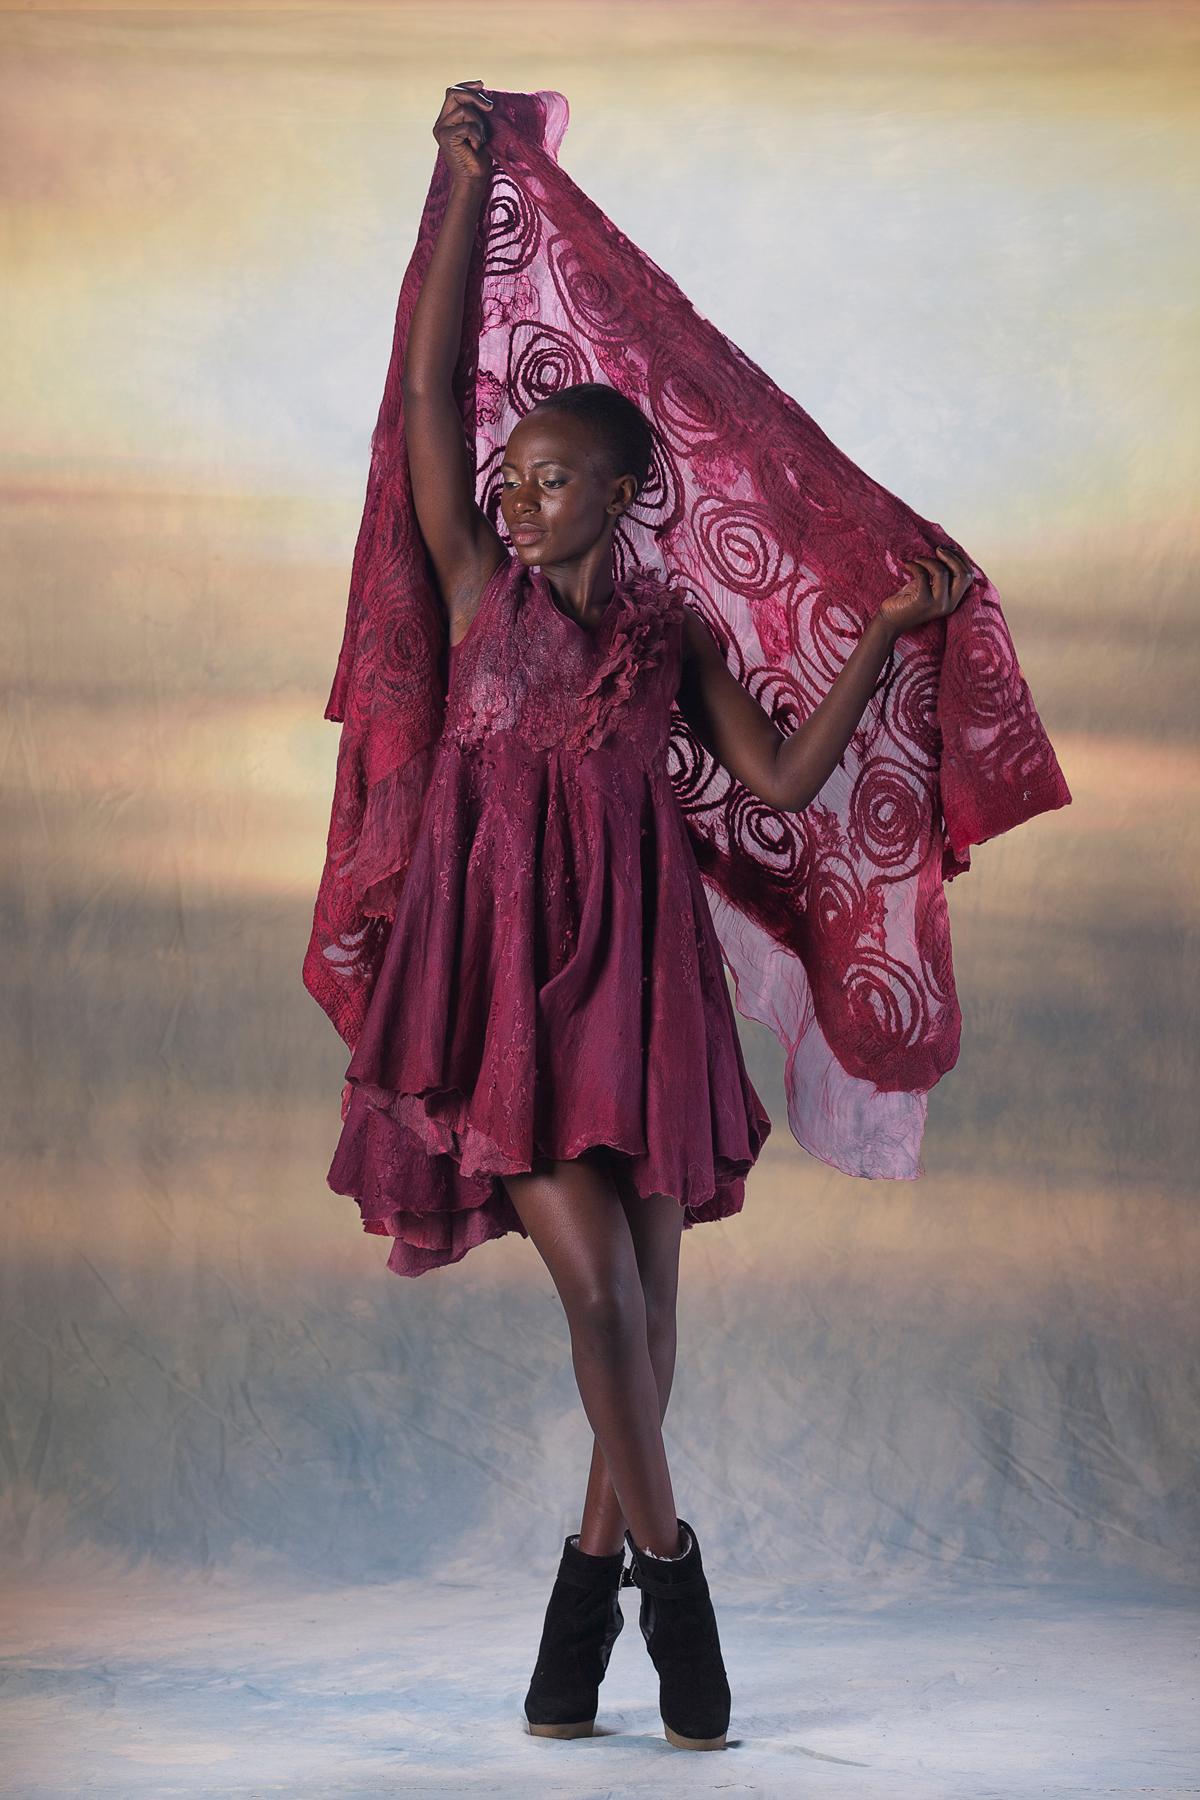 Mode van Sharit (Charity van der Meer).